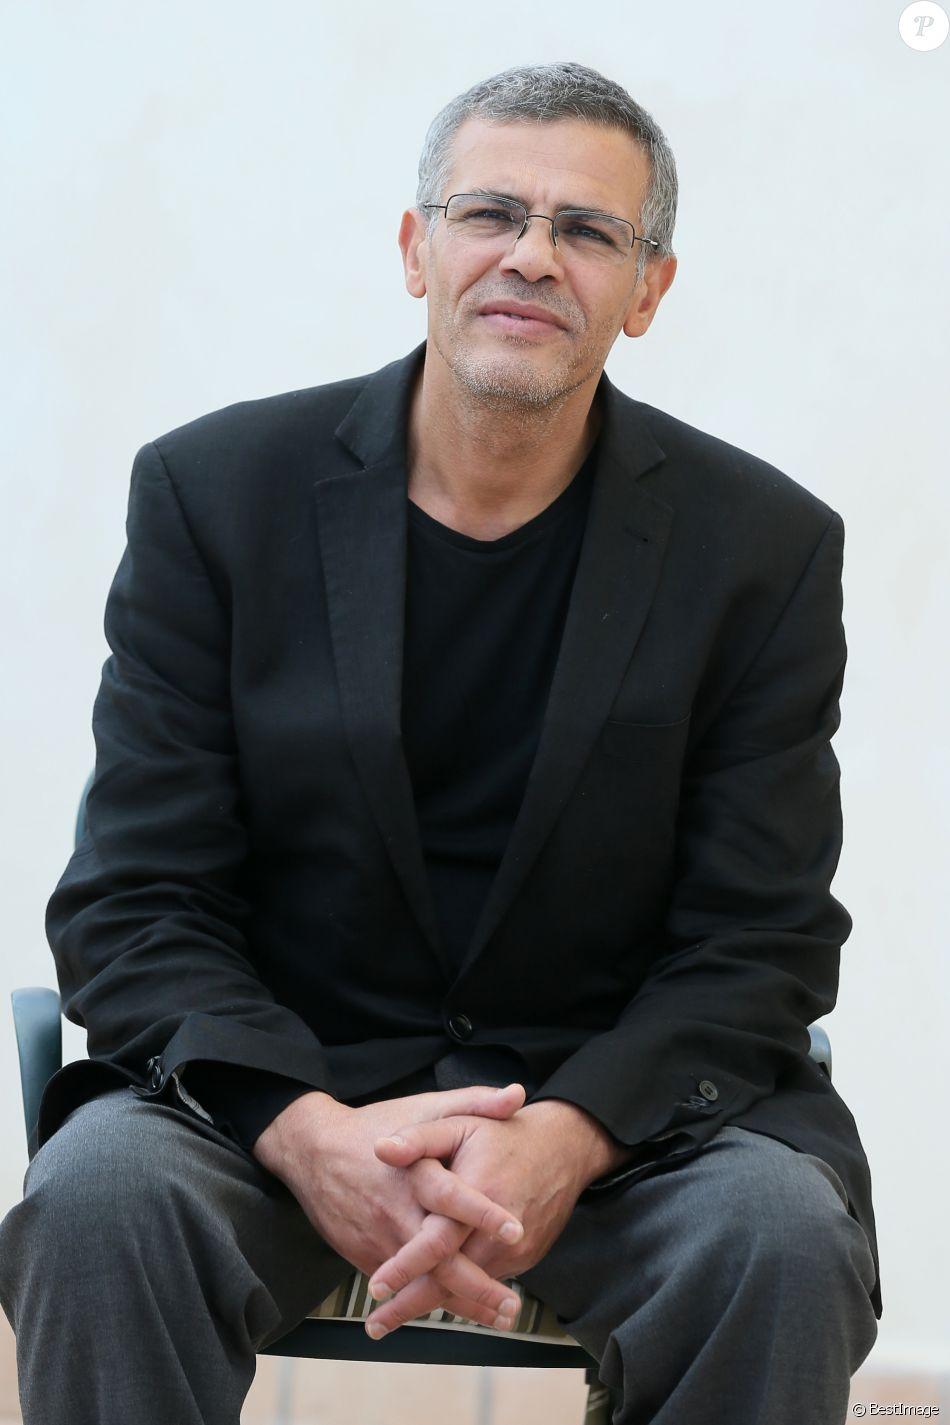 Abdellatif Kechiche à Rome en Italie le 16 octobre 2013.